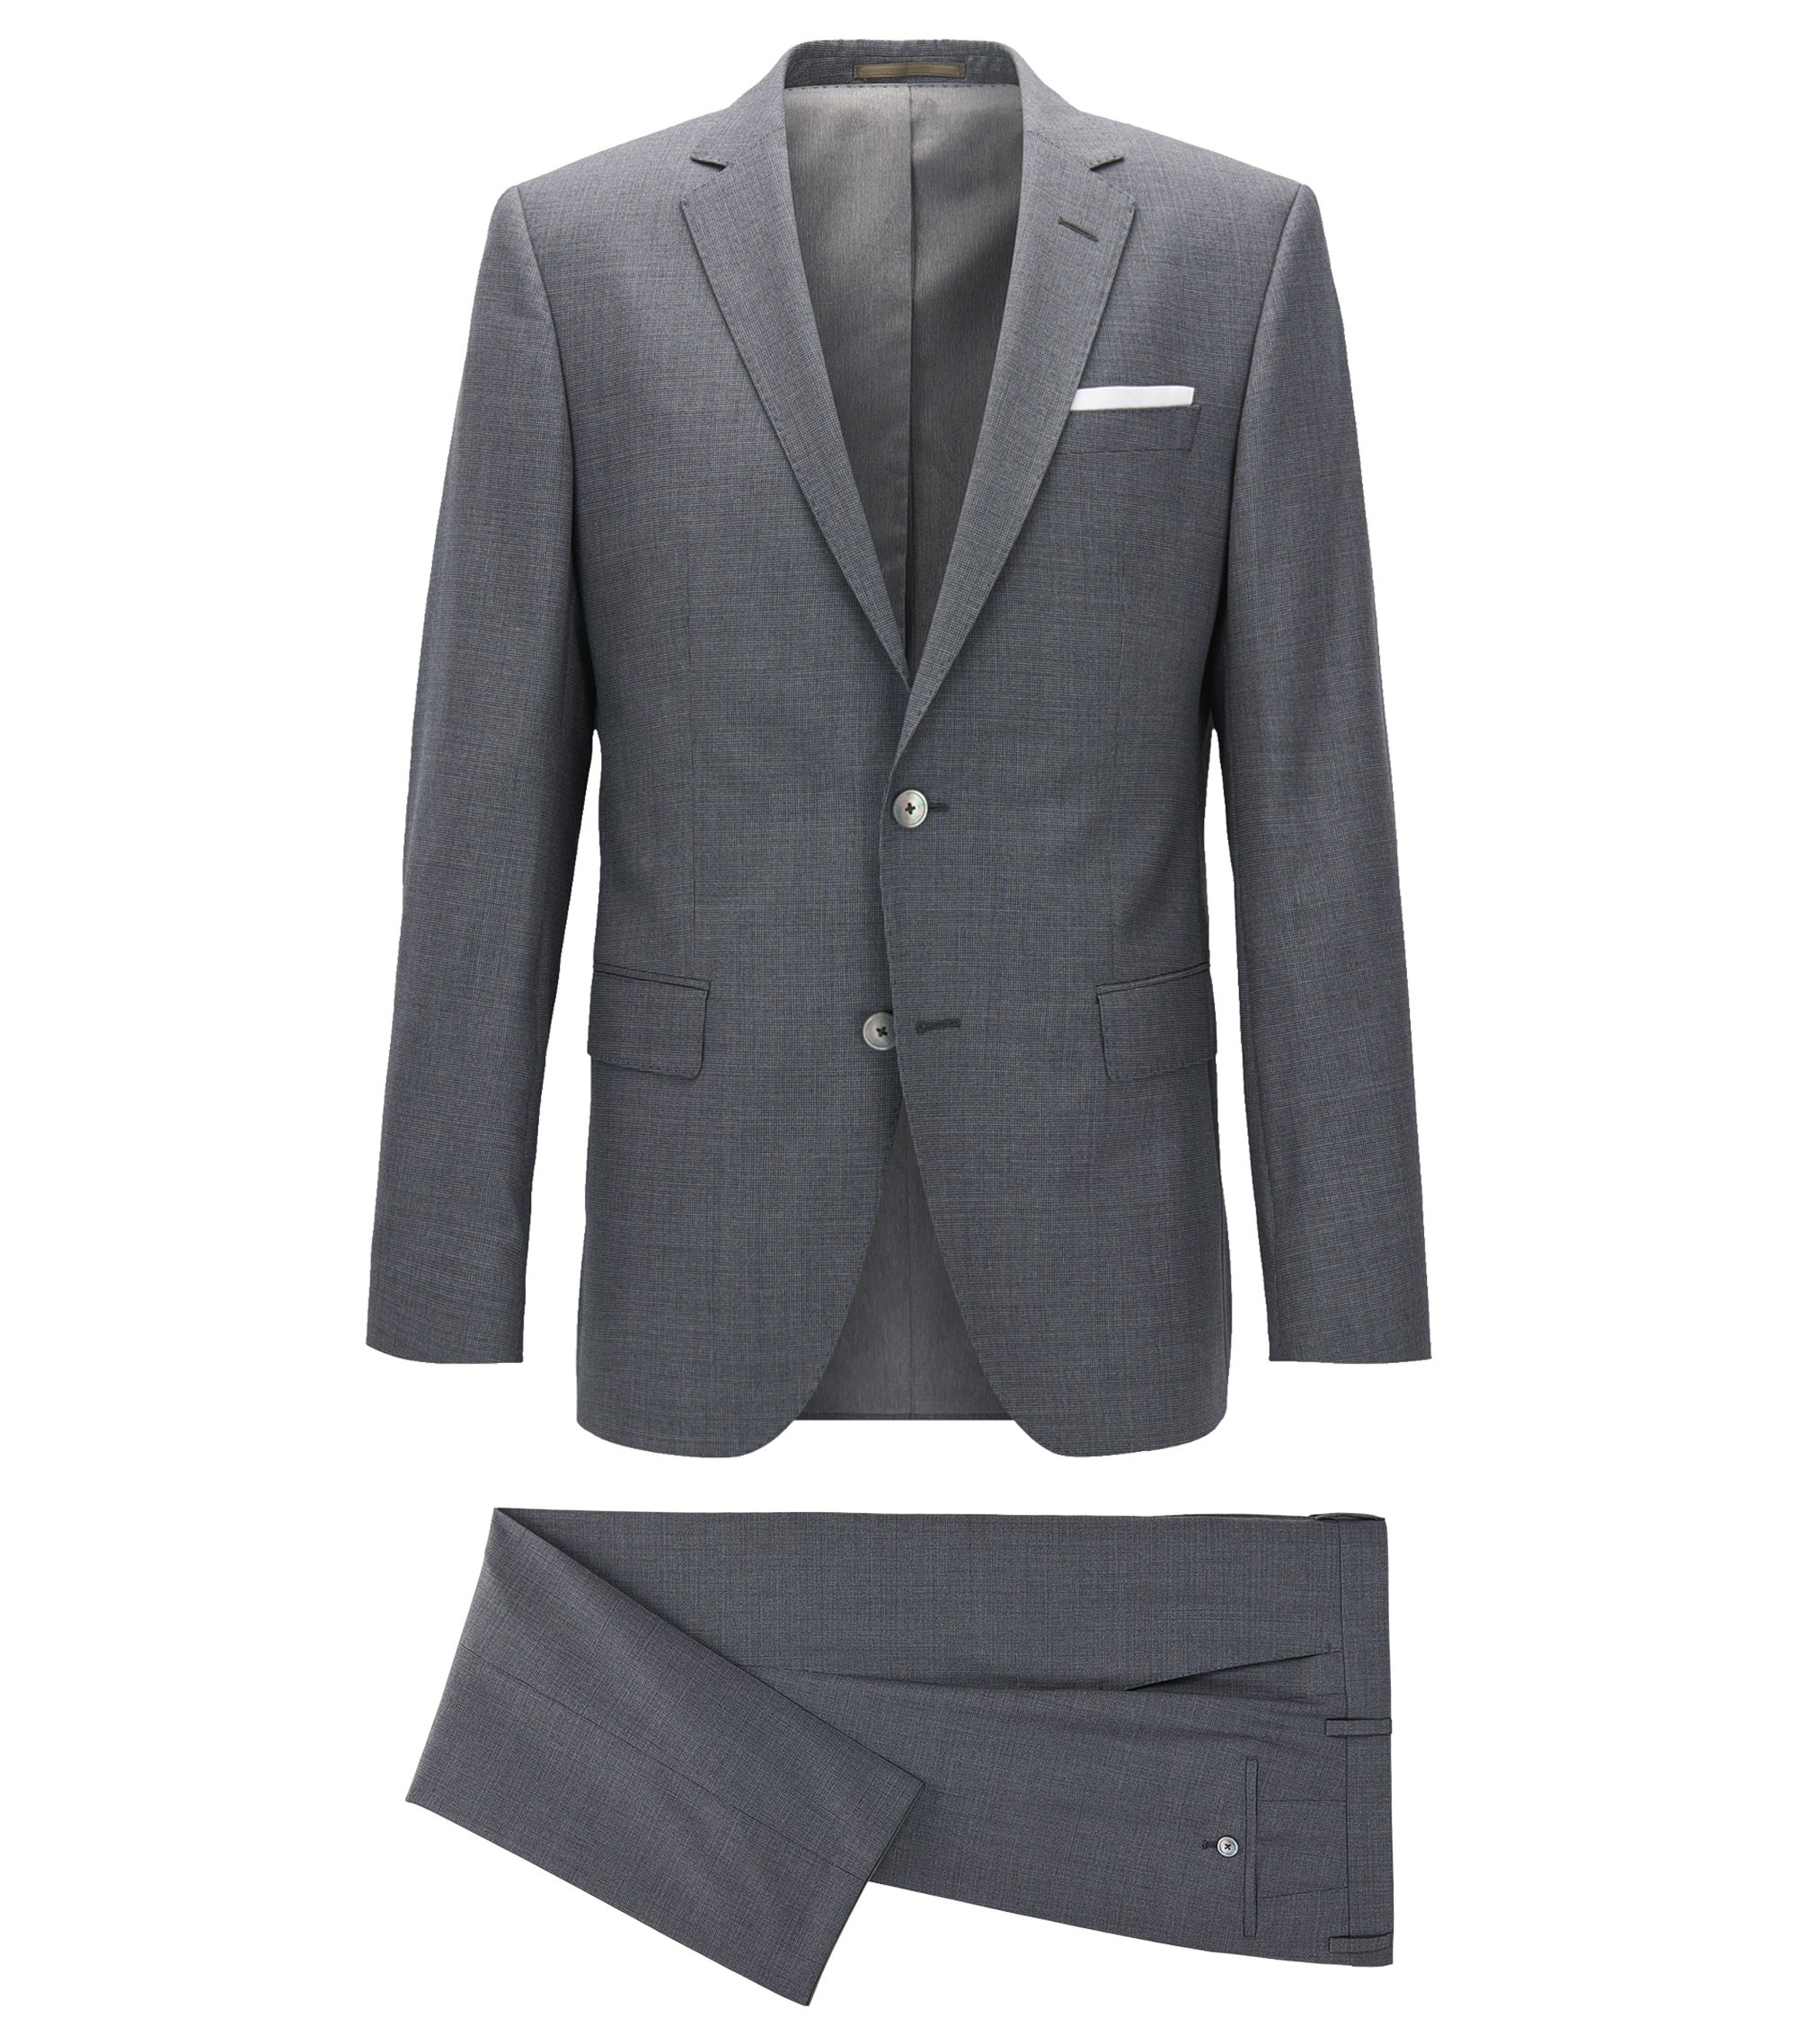 Gemusterter Slim-Fit Anzug aus Schurwolle, Grau